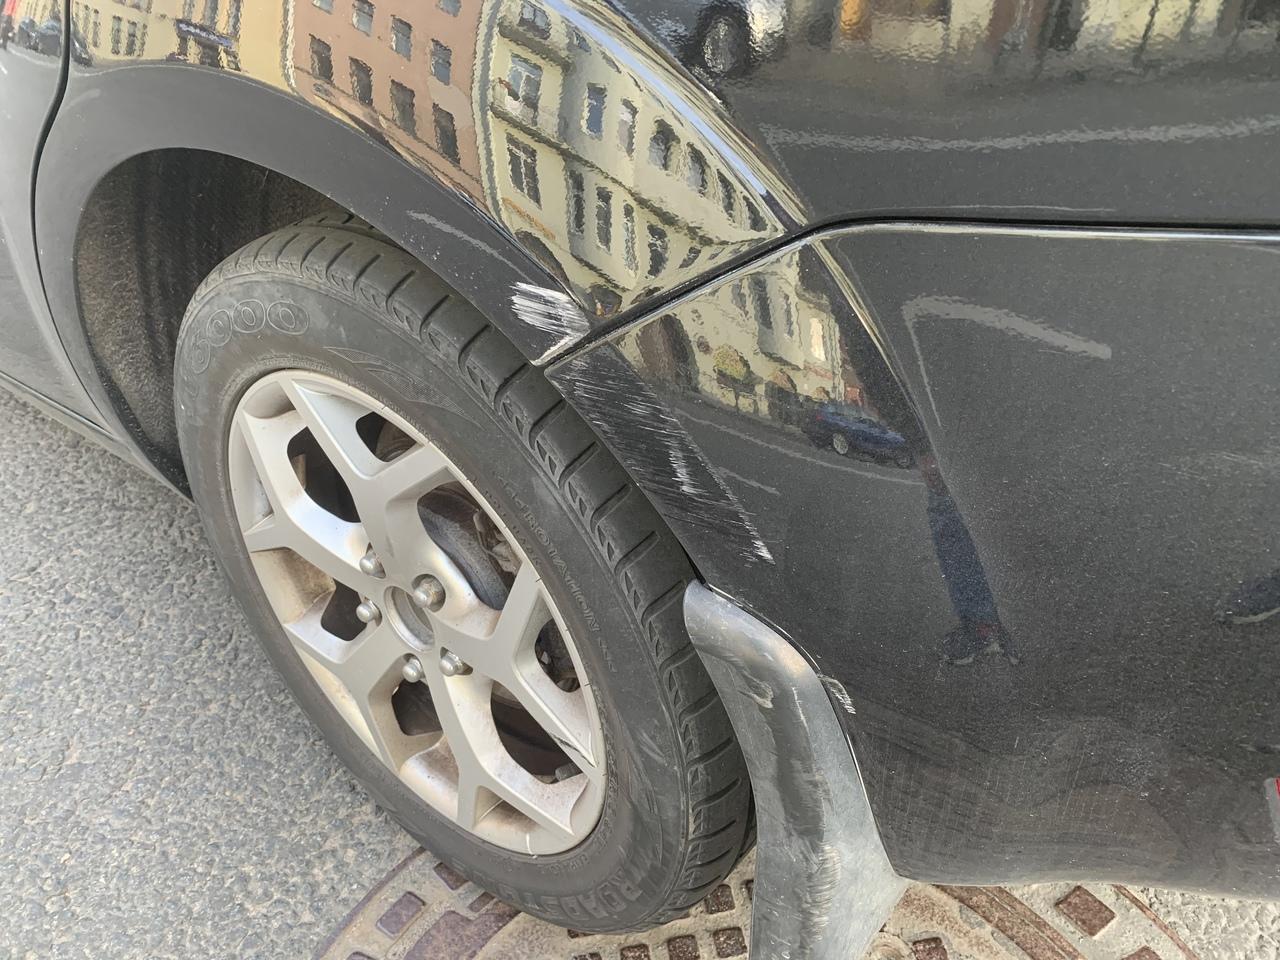 ДТП с припаркованным автомобилем на ул. Пионерская в 15 часов 6 сентября. Виновник скрылся. Есть так...